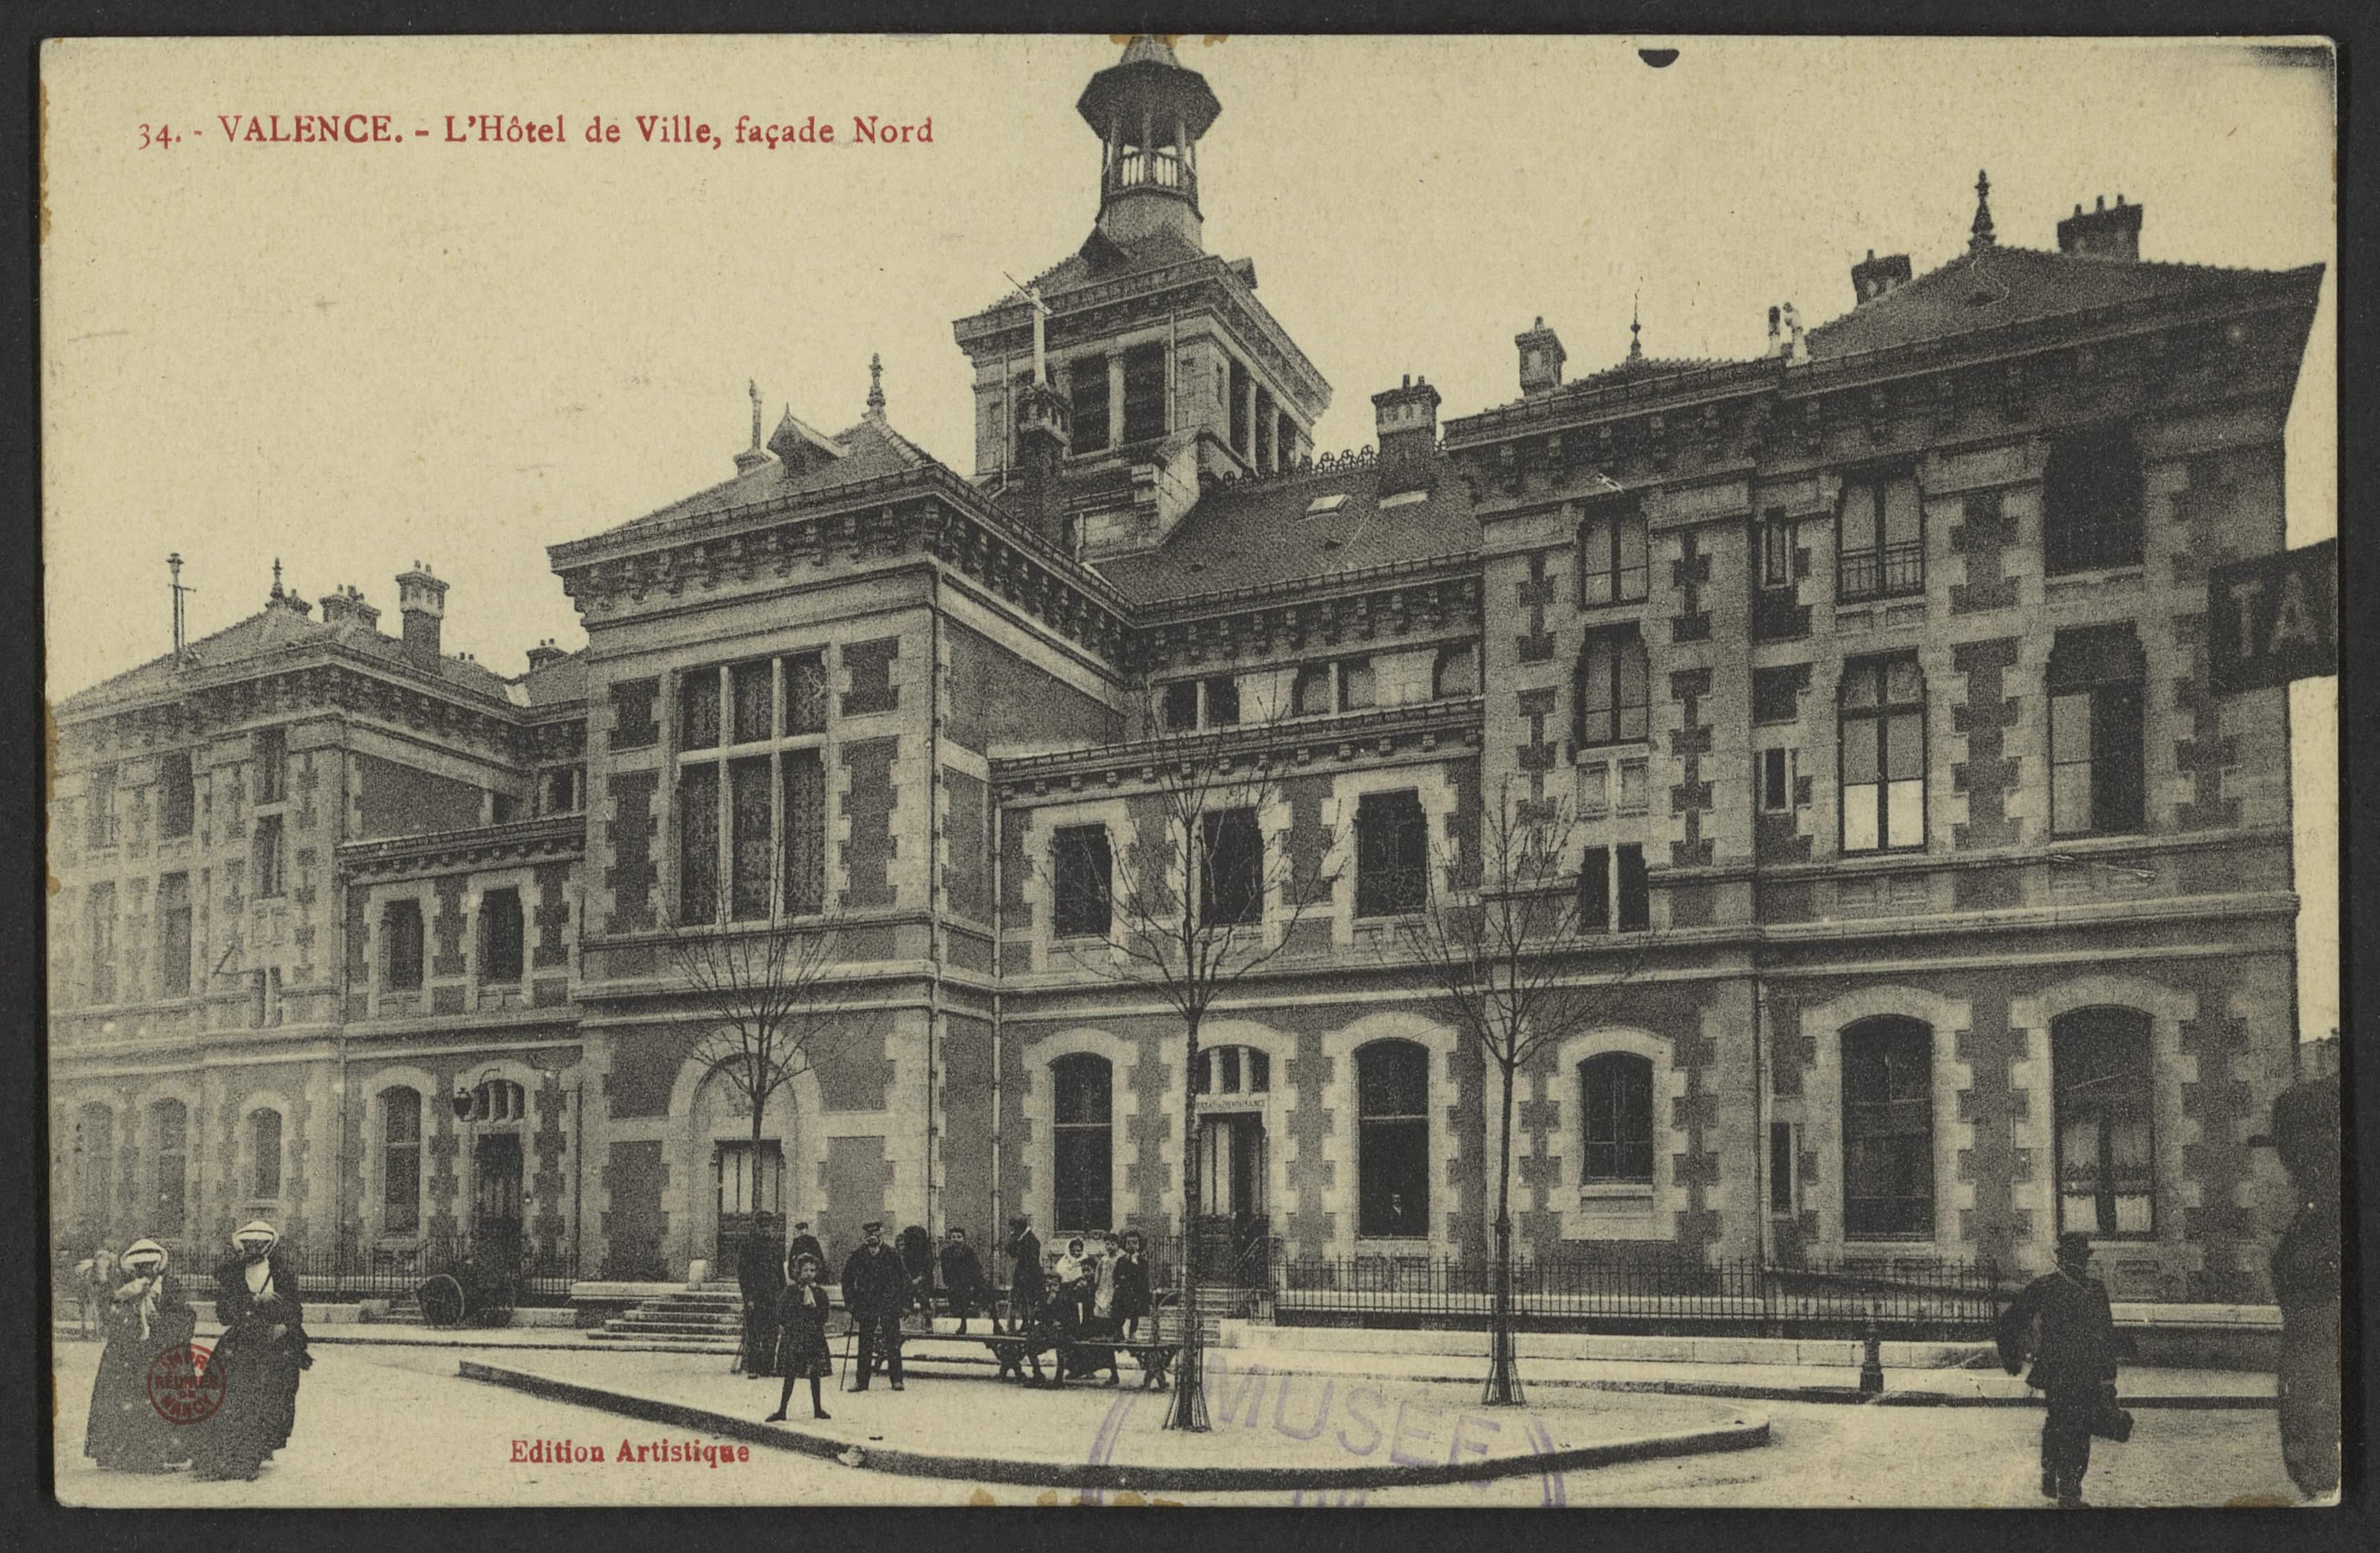 Valence. - L'Hôtel de Ville, façade Nord